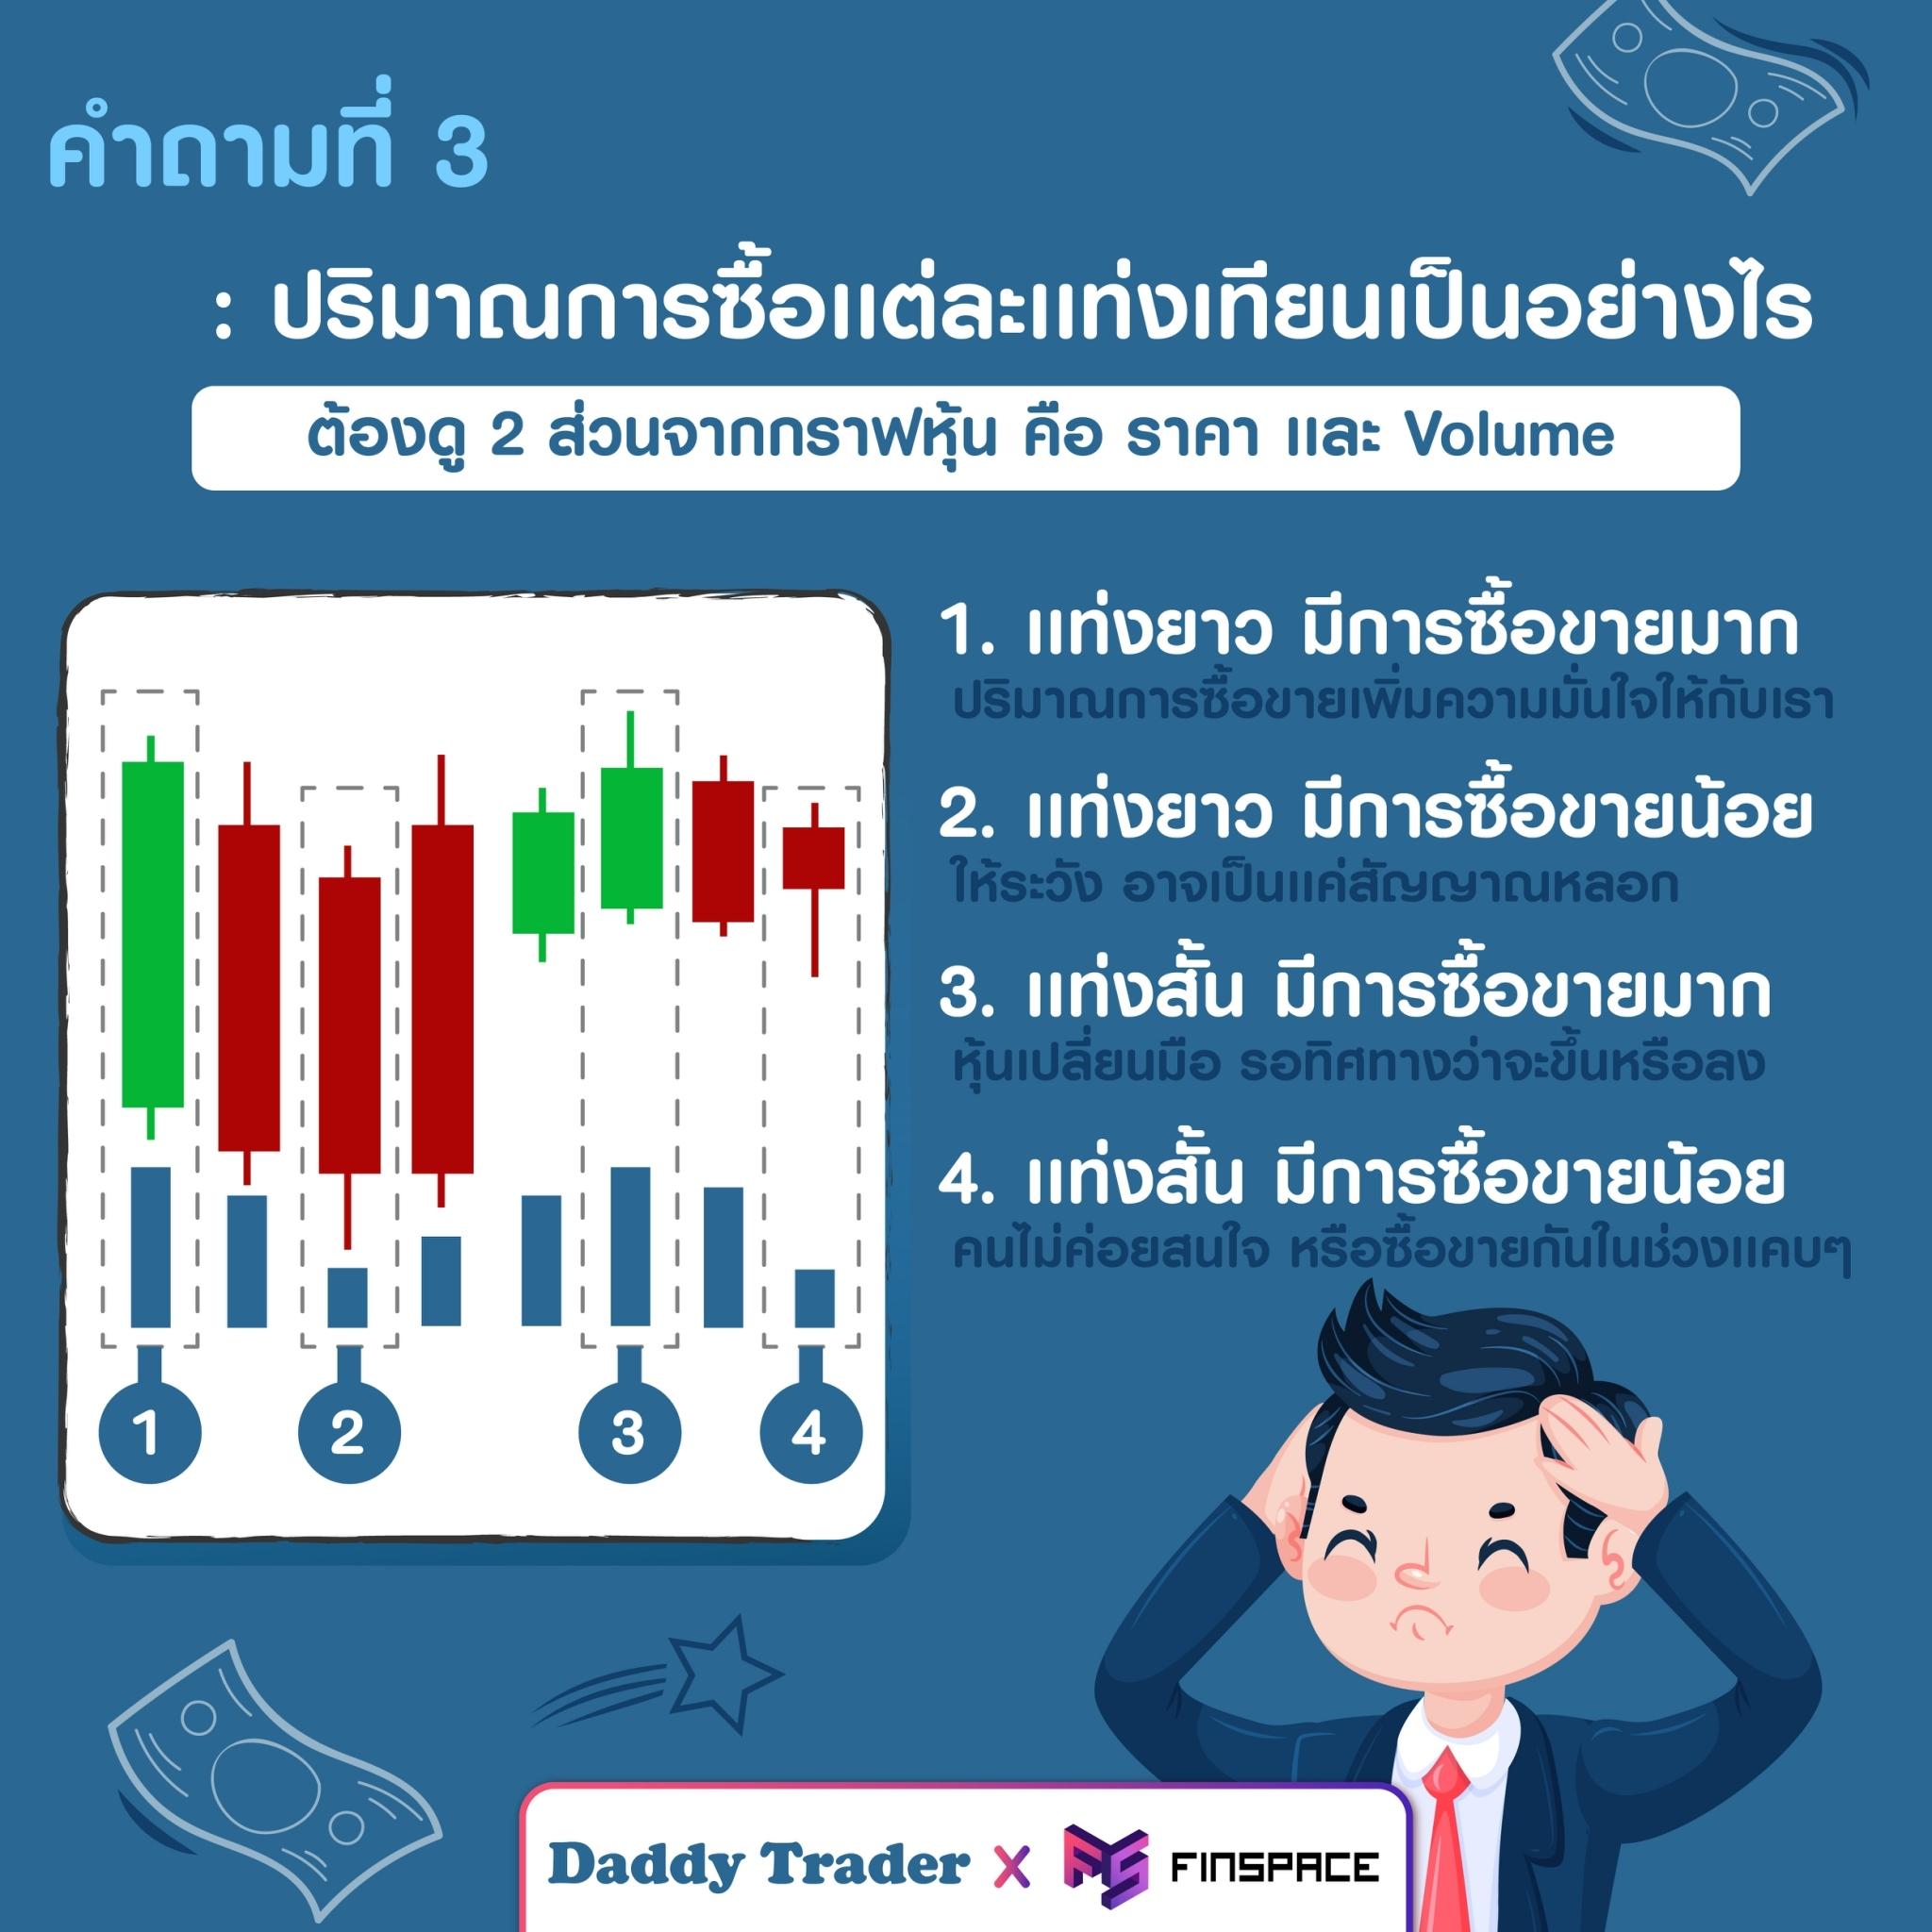 กราฟแท่งเทียน ปริมาณการซื้อขาย